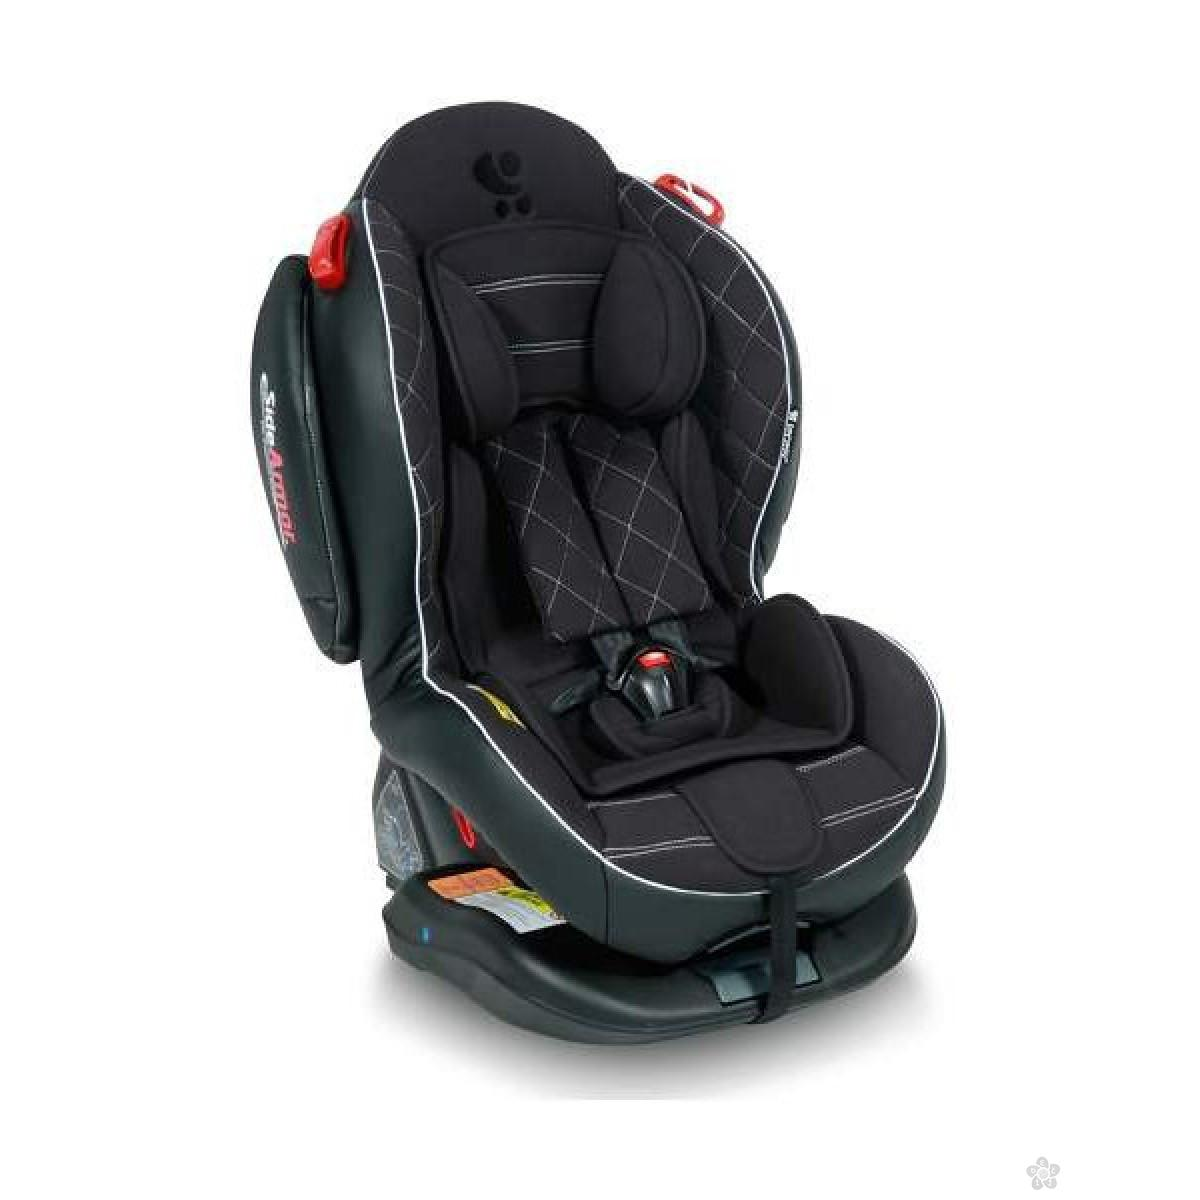 Auto Sedište Arthur Isofix Black Leather 0-25kg